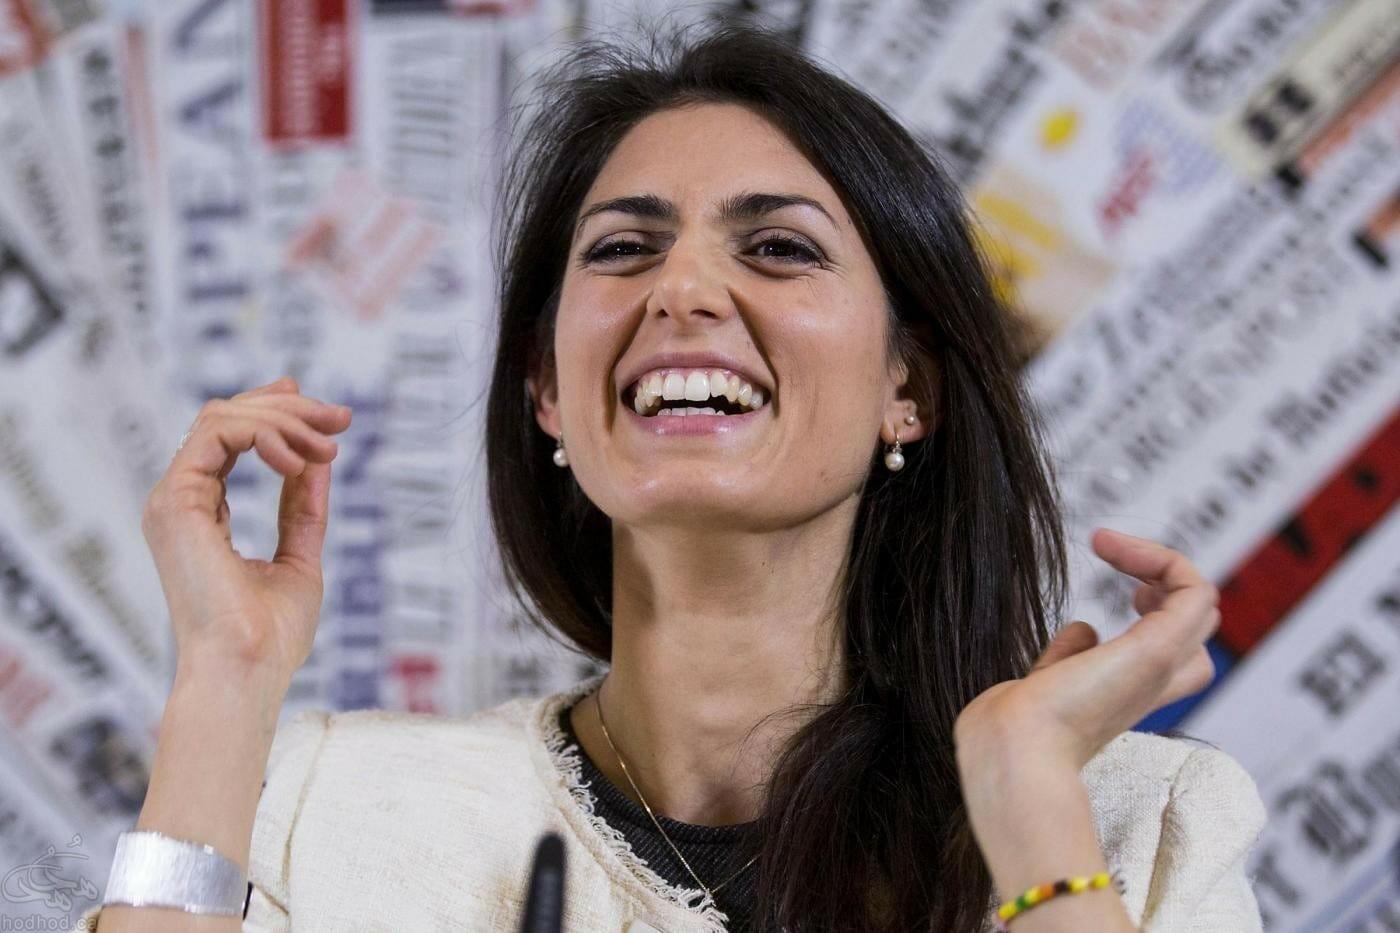 برای اولین بار در تاریخ، یک زن به عنوان شهردار رم پایتخت ایتالیا انتخاب شد.